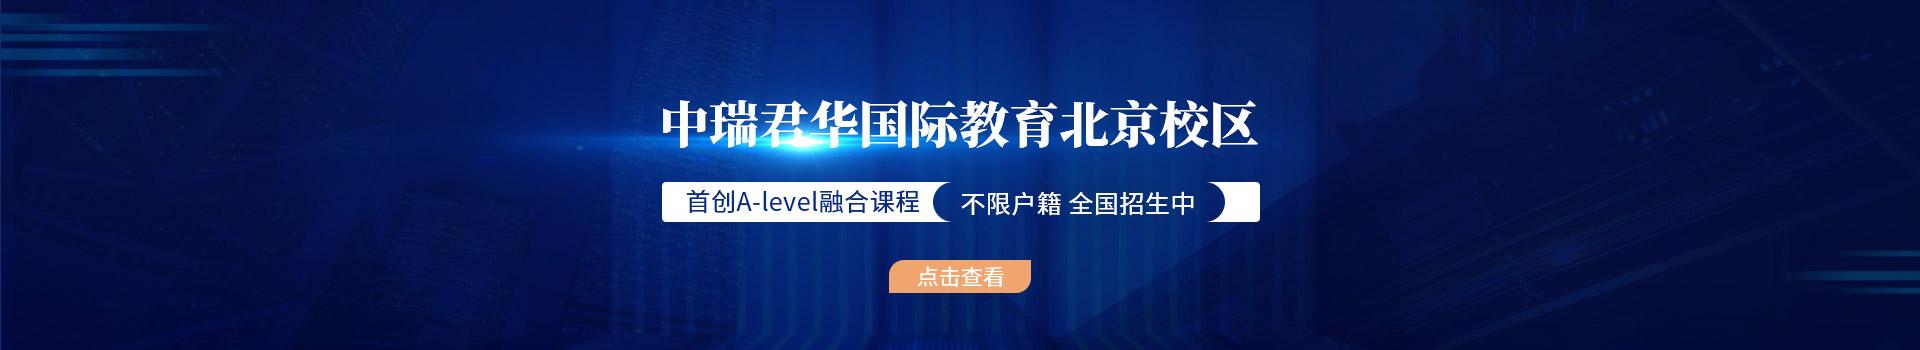 中瑞君华国际教育北京校区